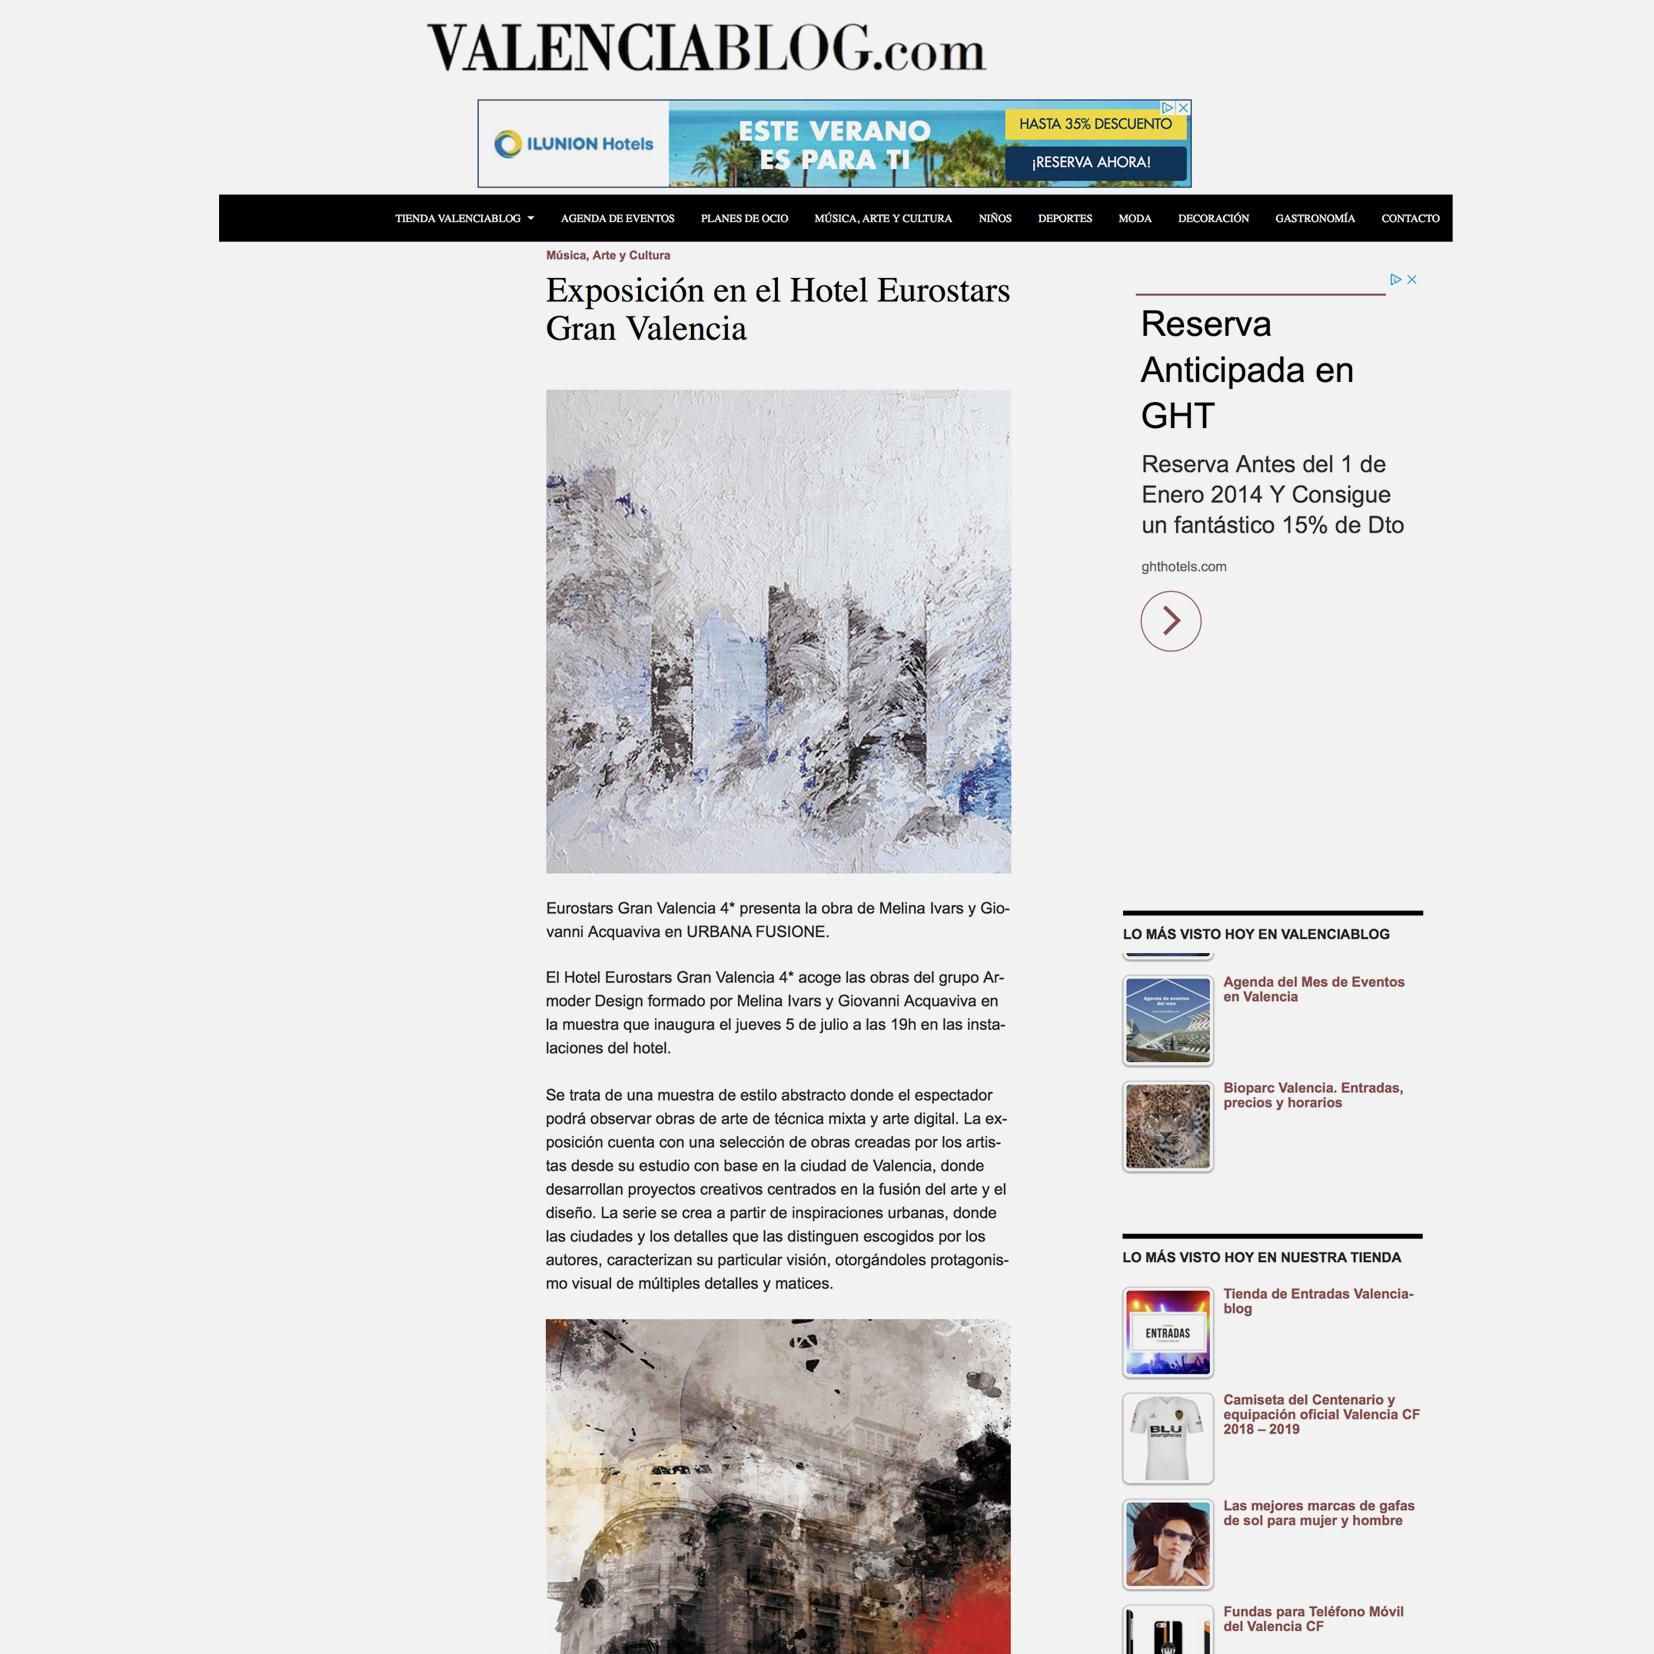 Exposición Arte Armoder Arte y Diseño